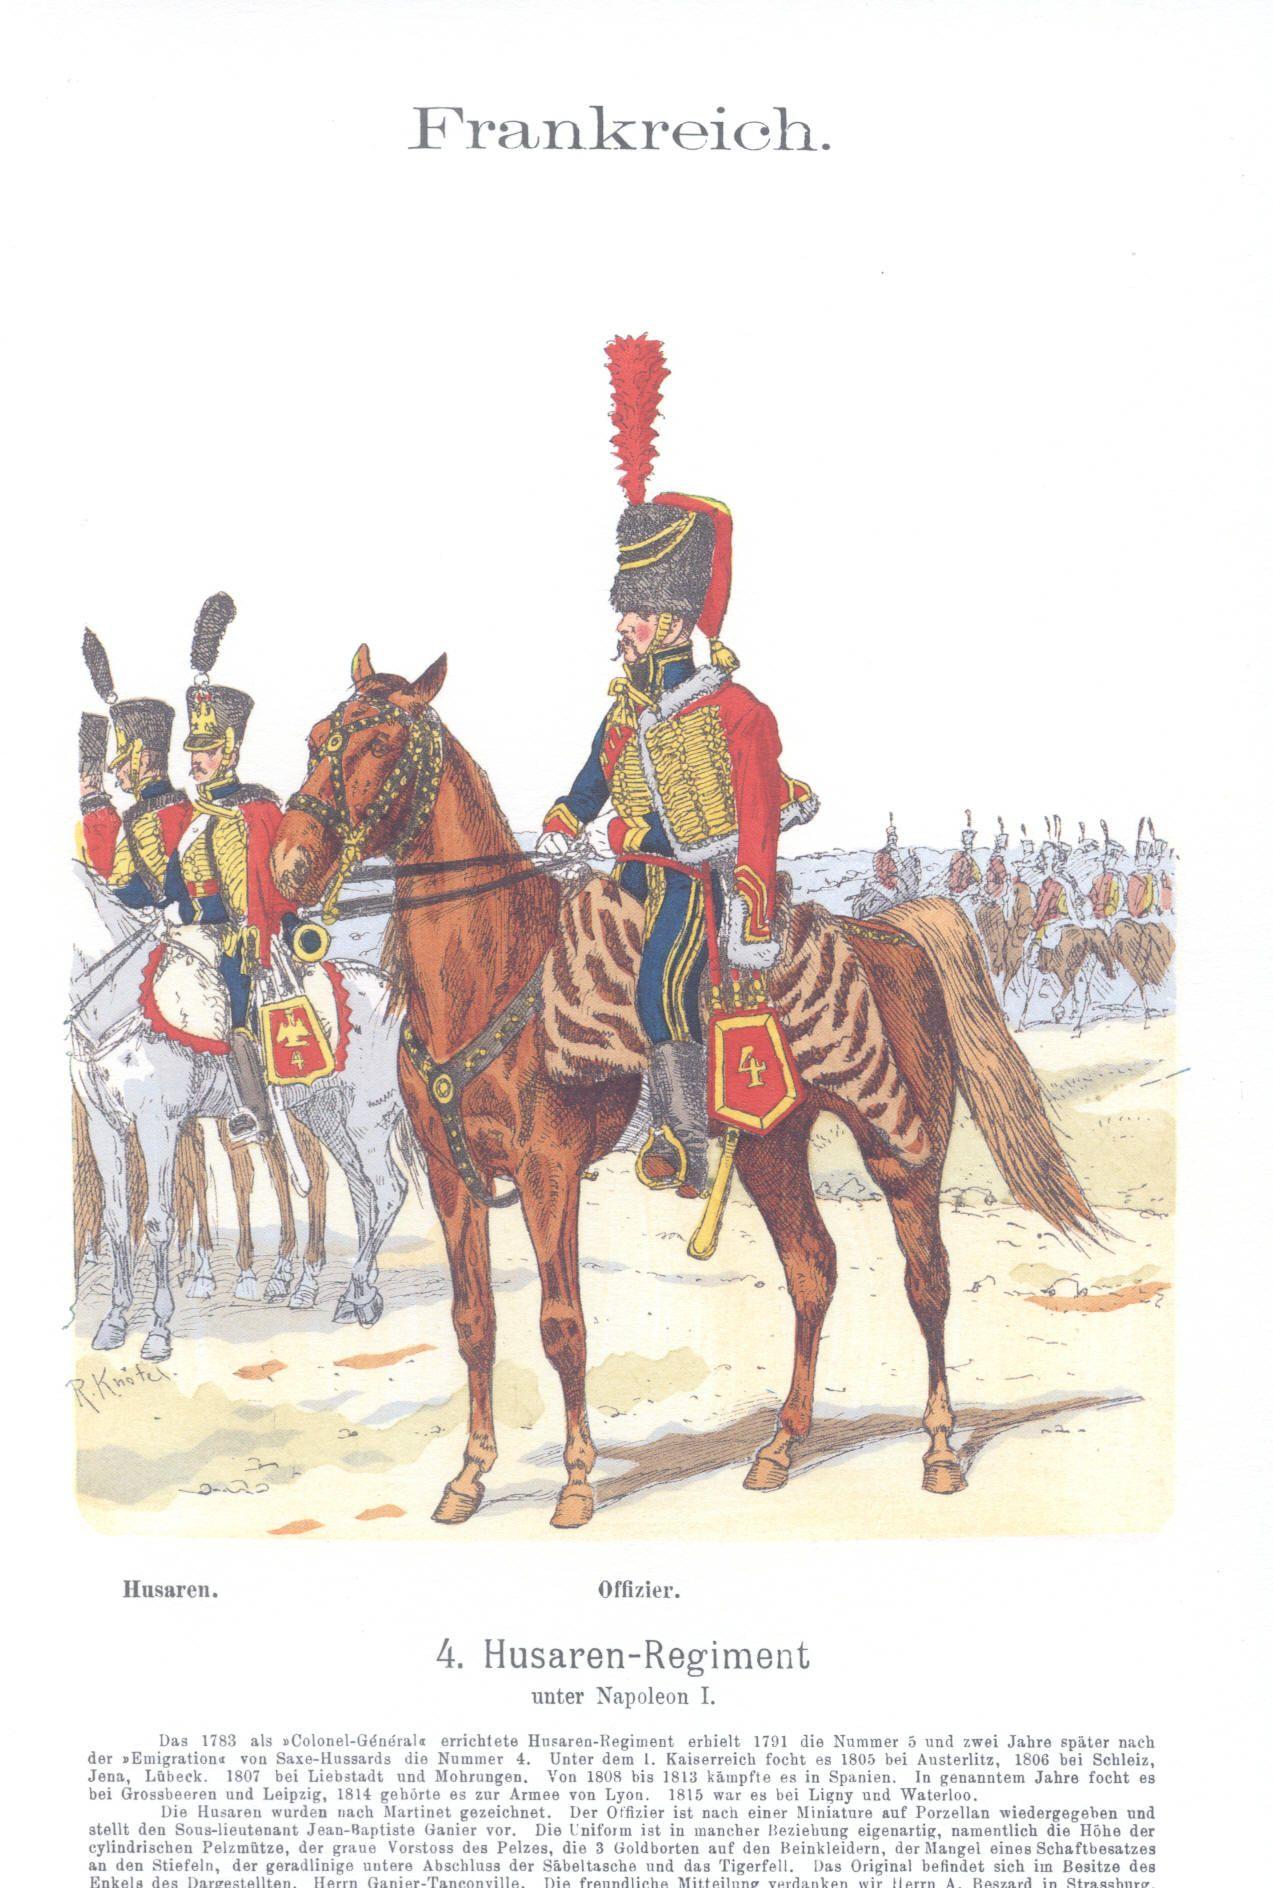 Vol 12 - Pl 58 - Frankreich. 4. Hus. Rgt. unter Napoleon I.